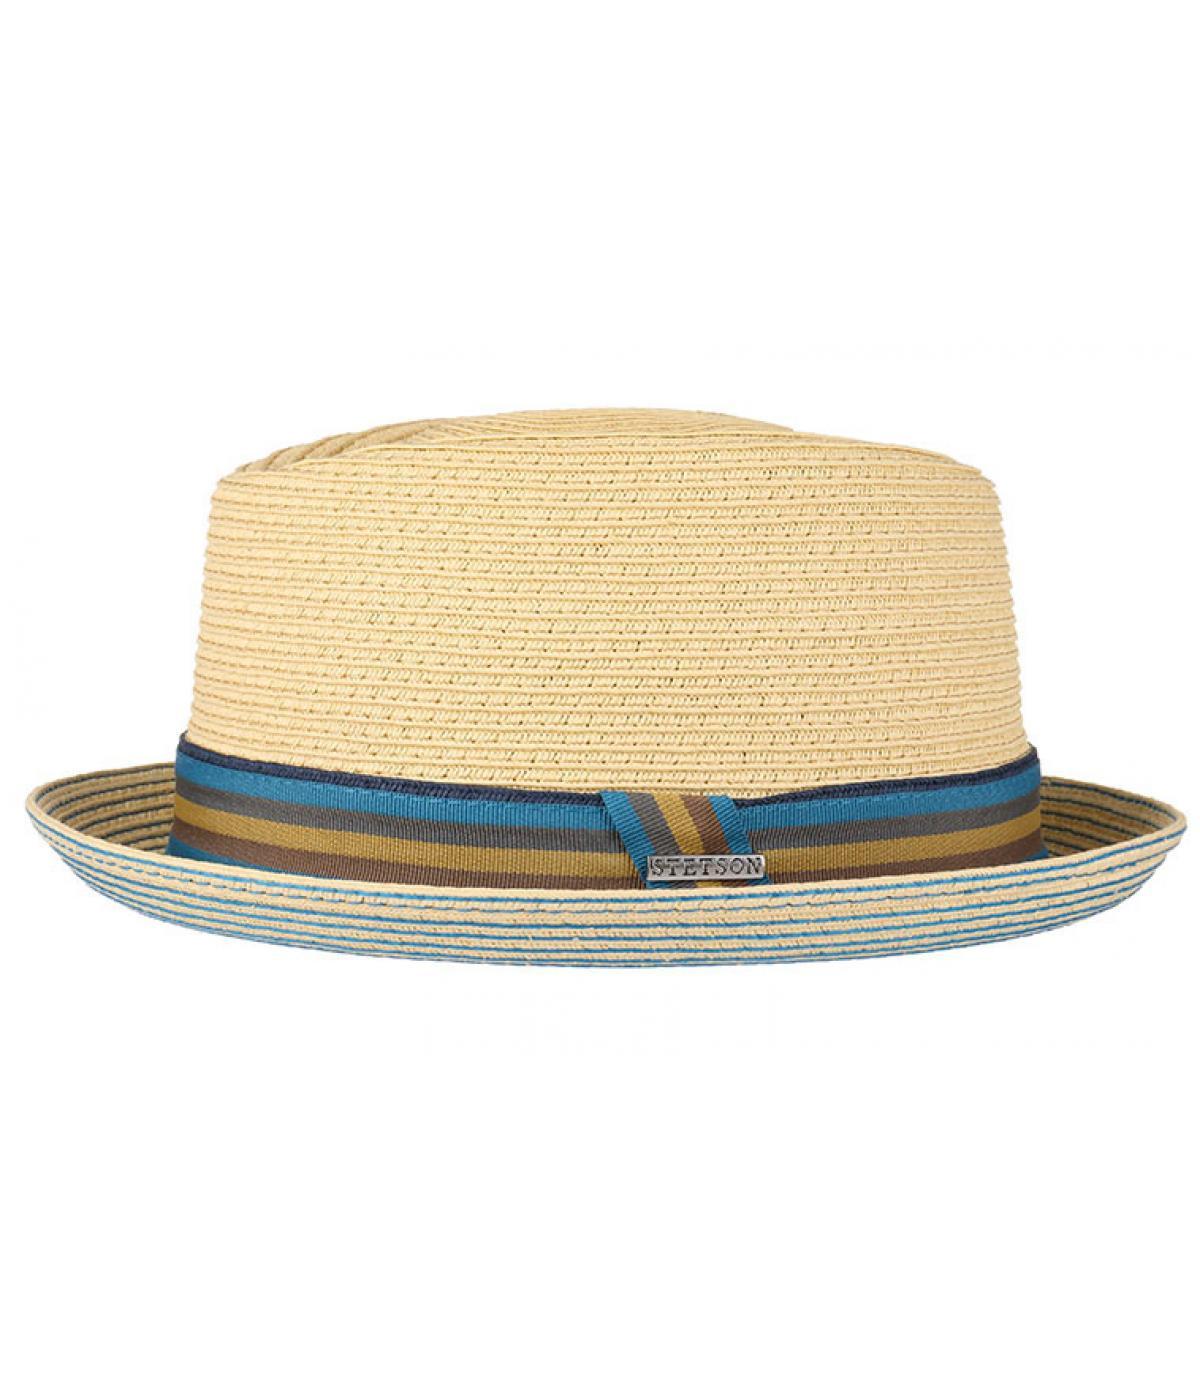 f8a26279b70a8 Chapeau Pork pie, Achat chapeaux pork pie Hat - Headict